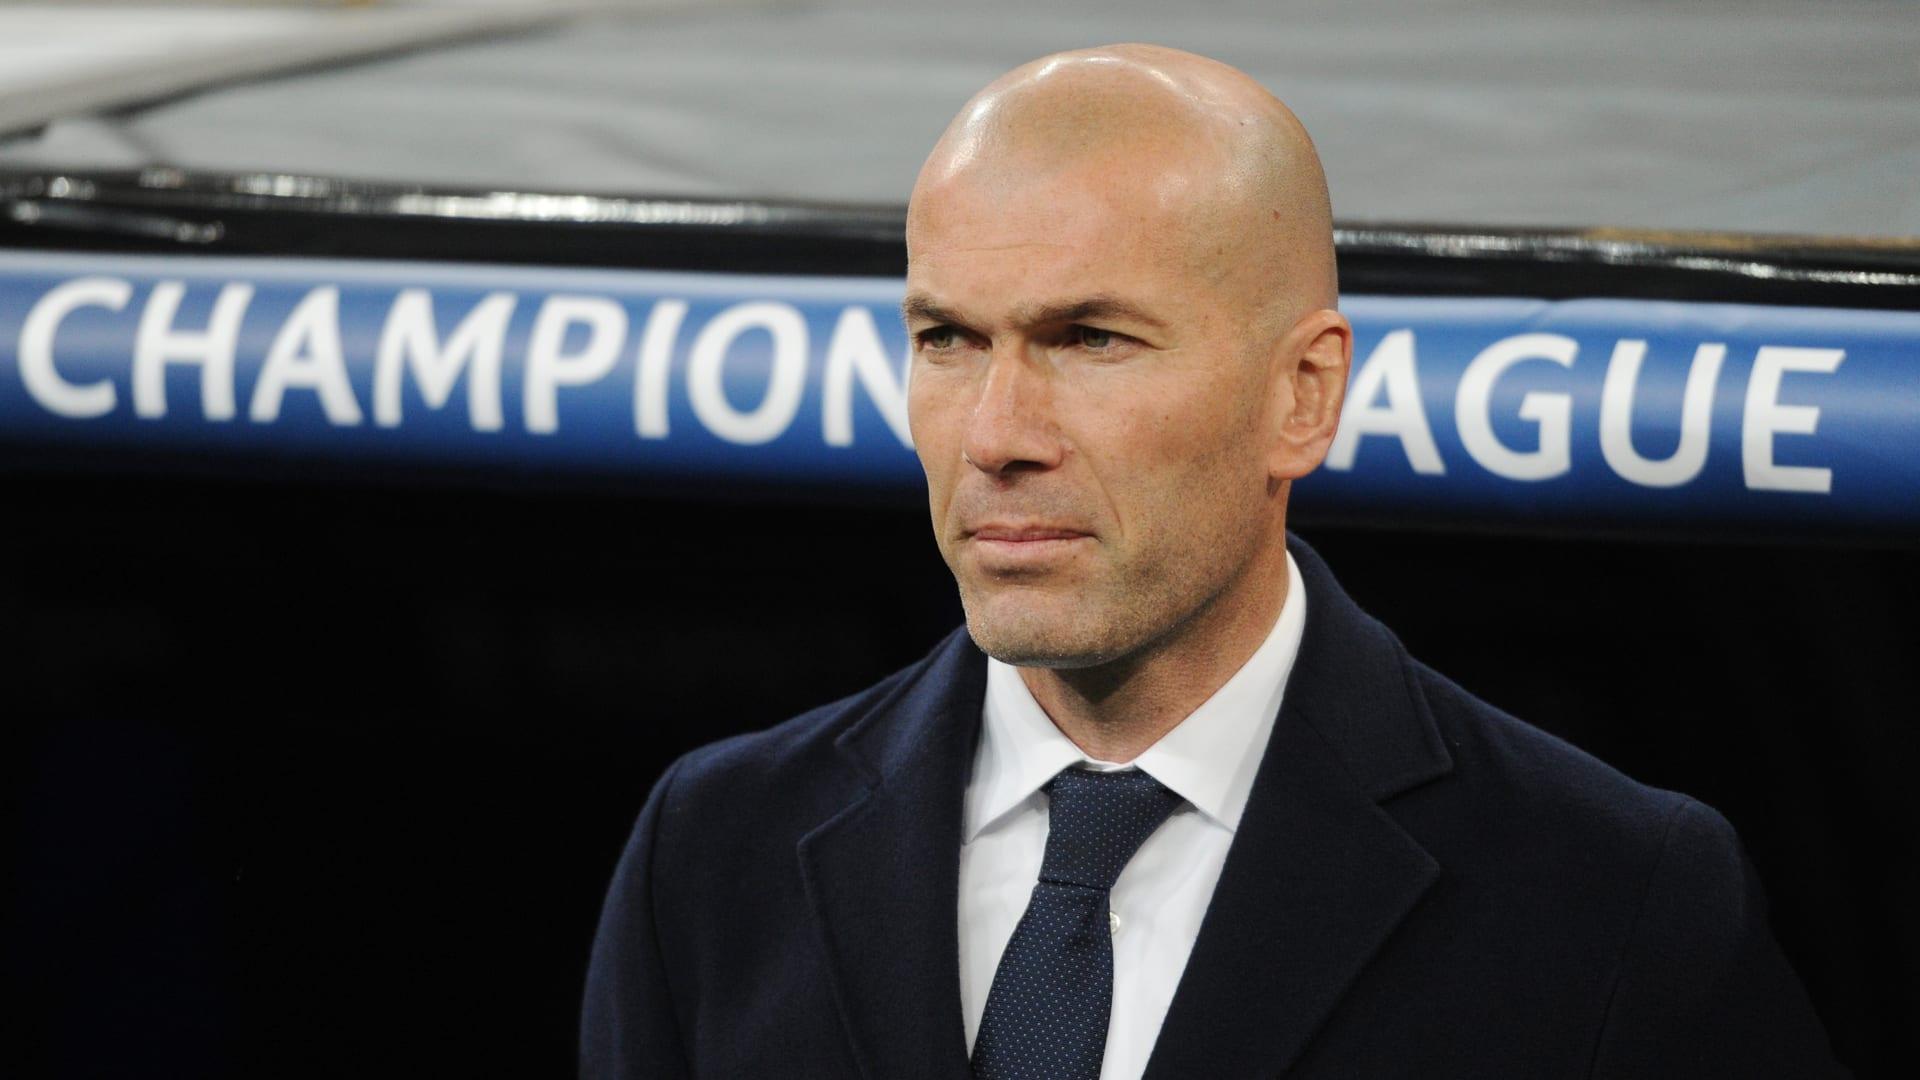 زين الدين زيدان، مدرب نادي ريال مدريد، يتابع المباراة